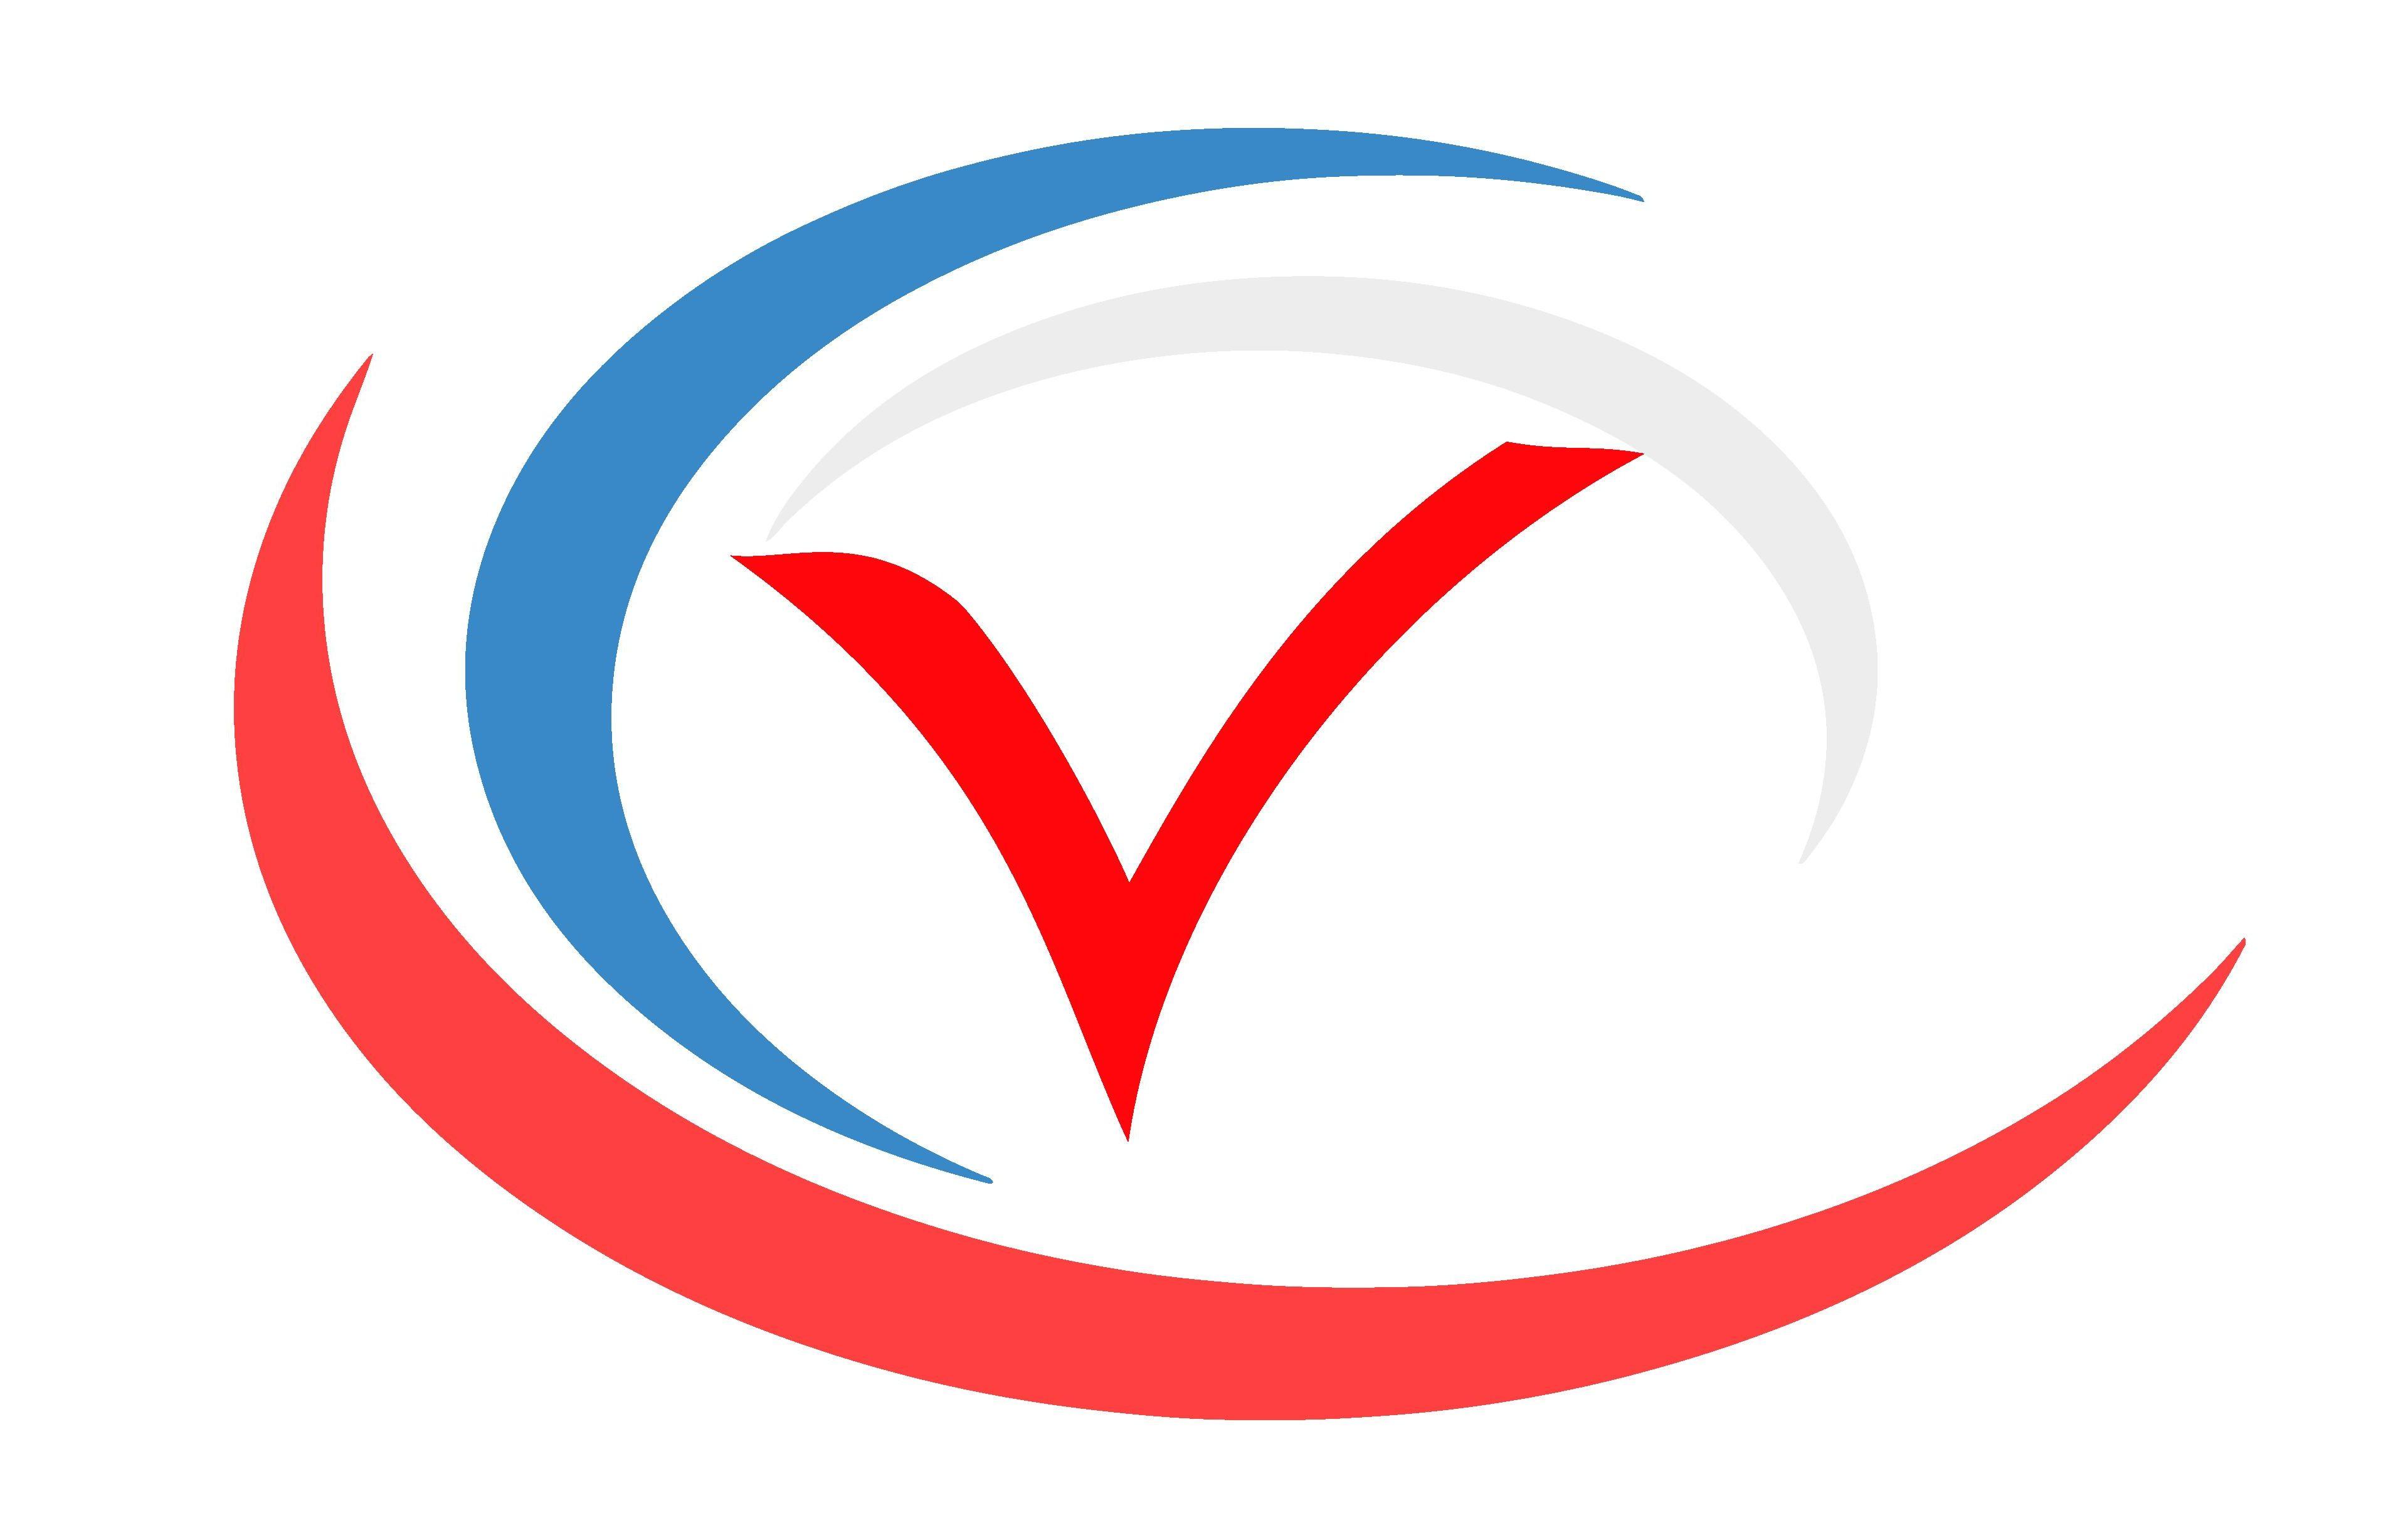 Утвержден Порядок организации работы центра общественного наблюдения (видеонаблюдения) за ходом голосования